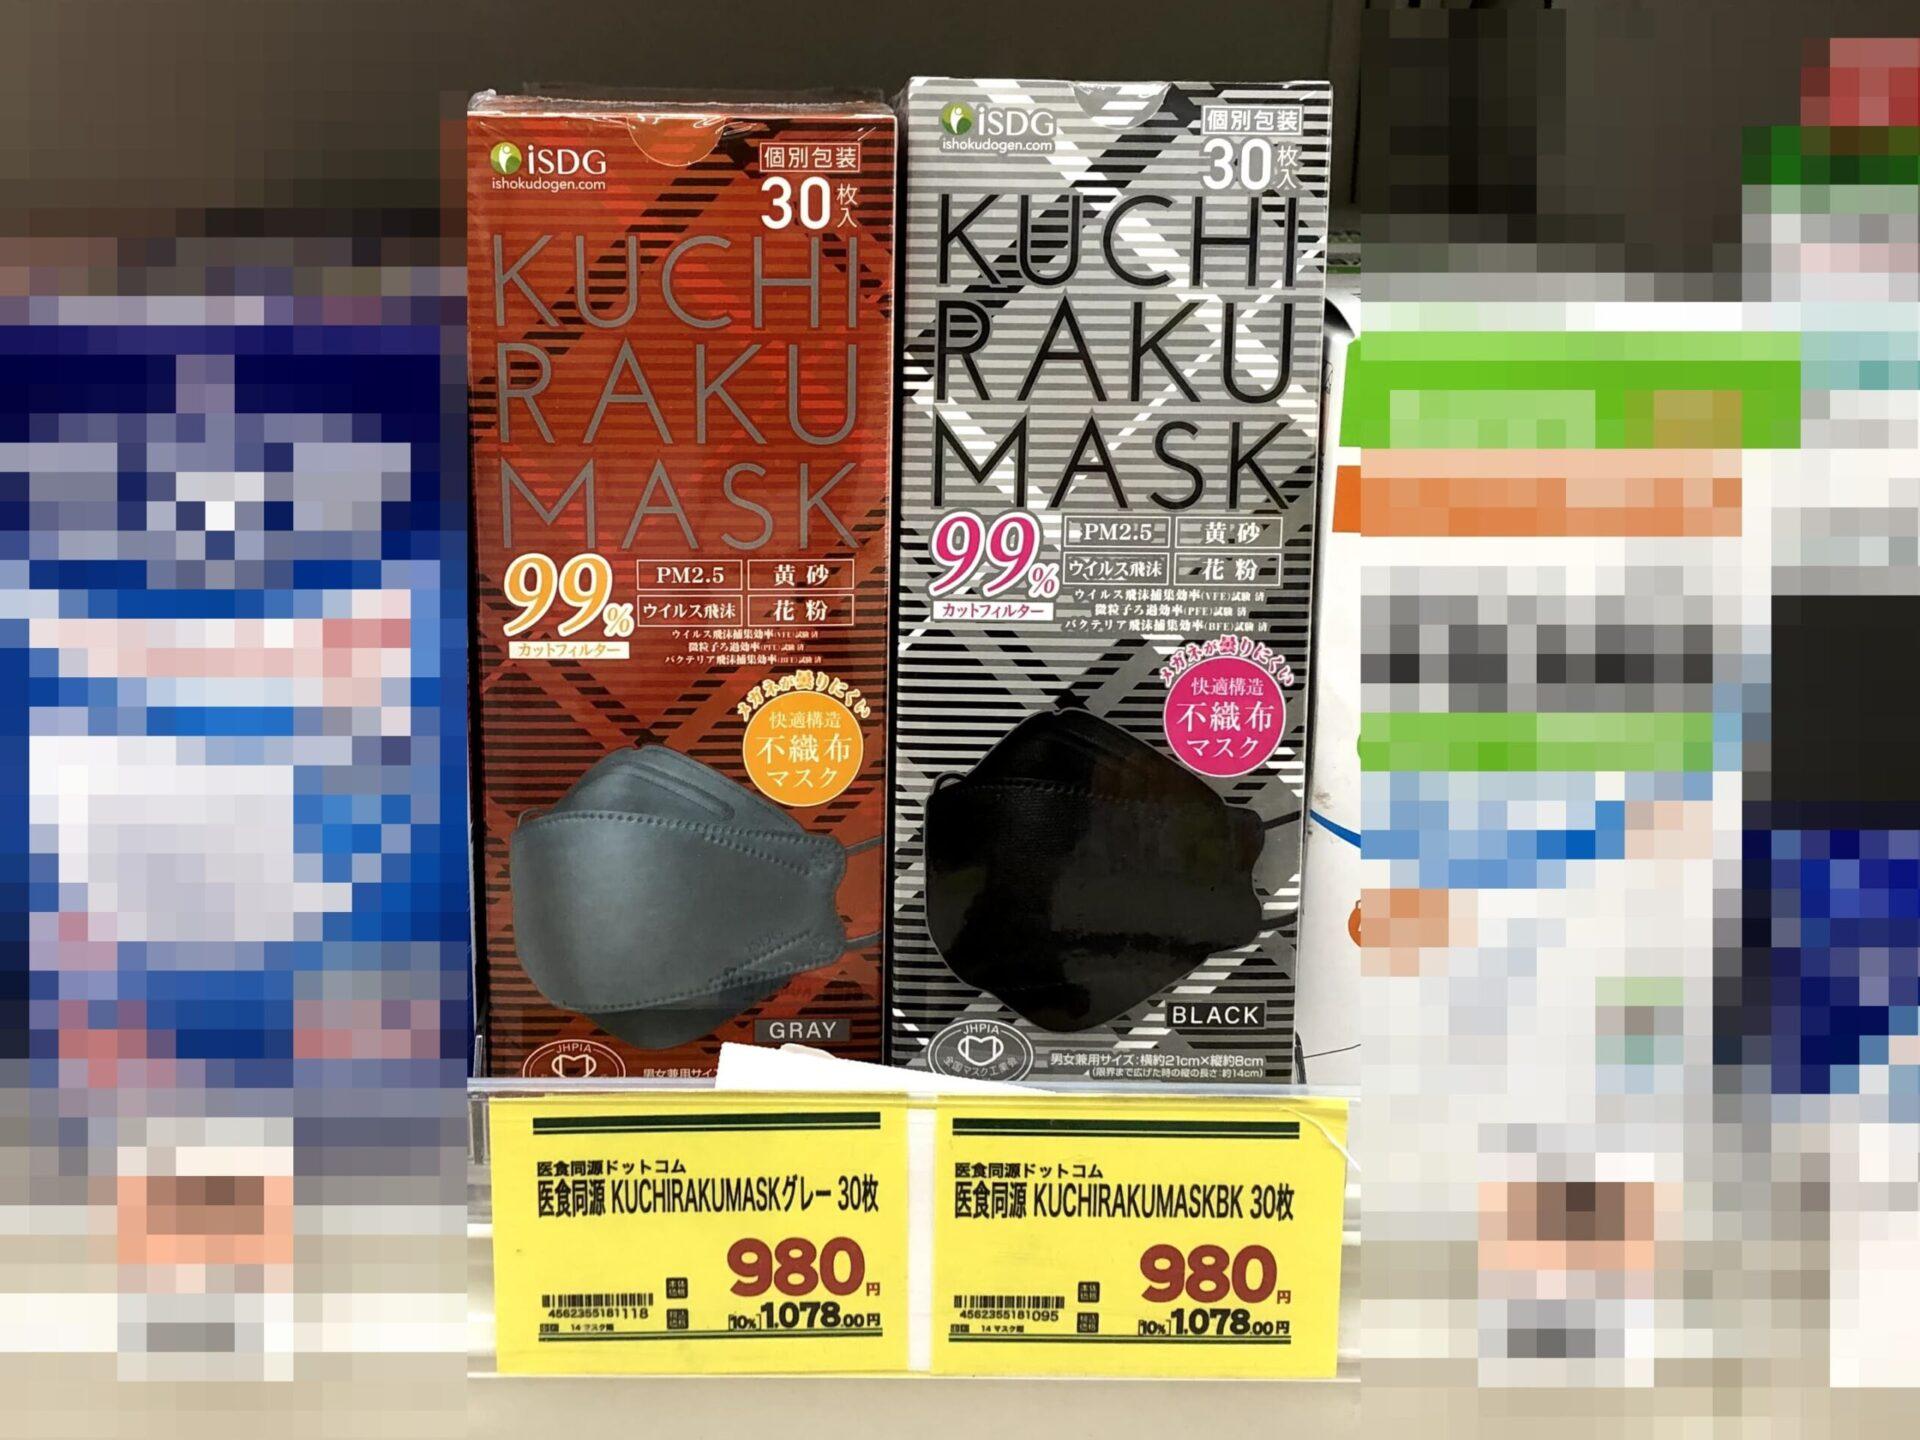 ウェルシア薬局のKUCHIRAKU MASK売り場